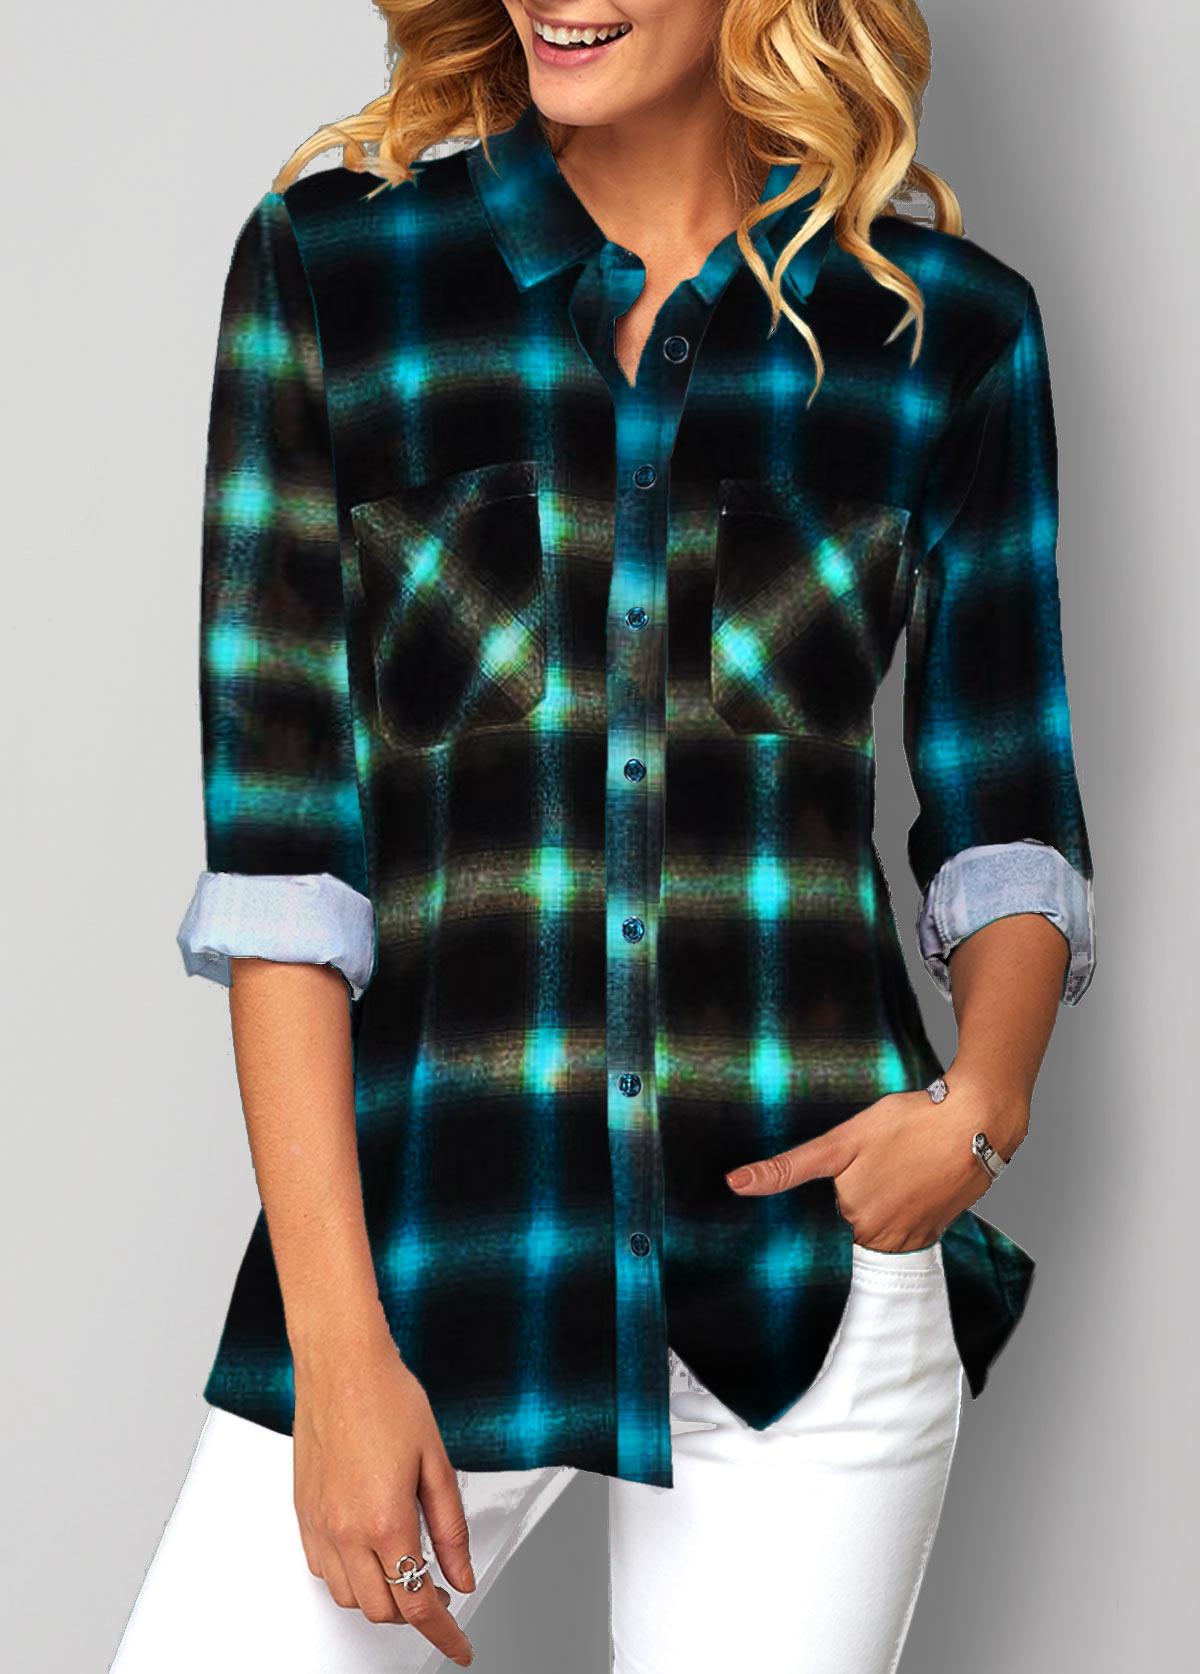 Plaid Print Button Up Turndown Collar Shirt